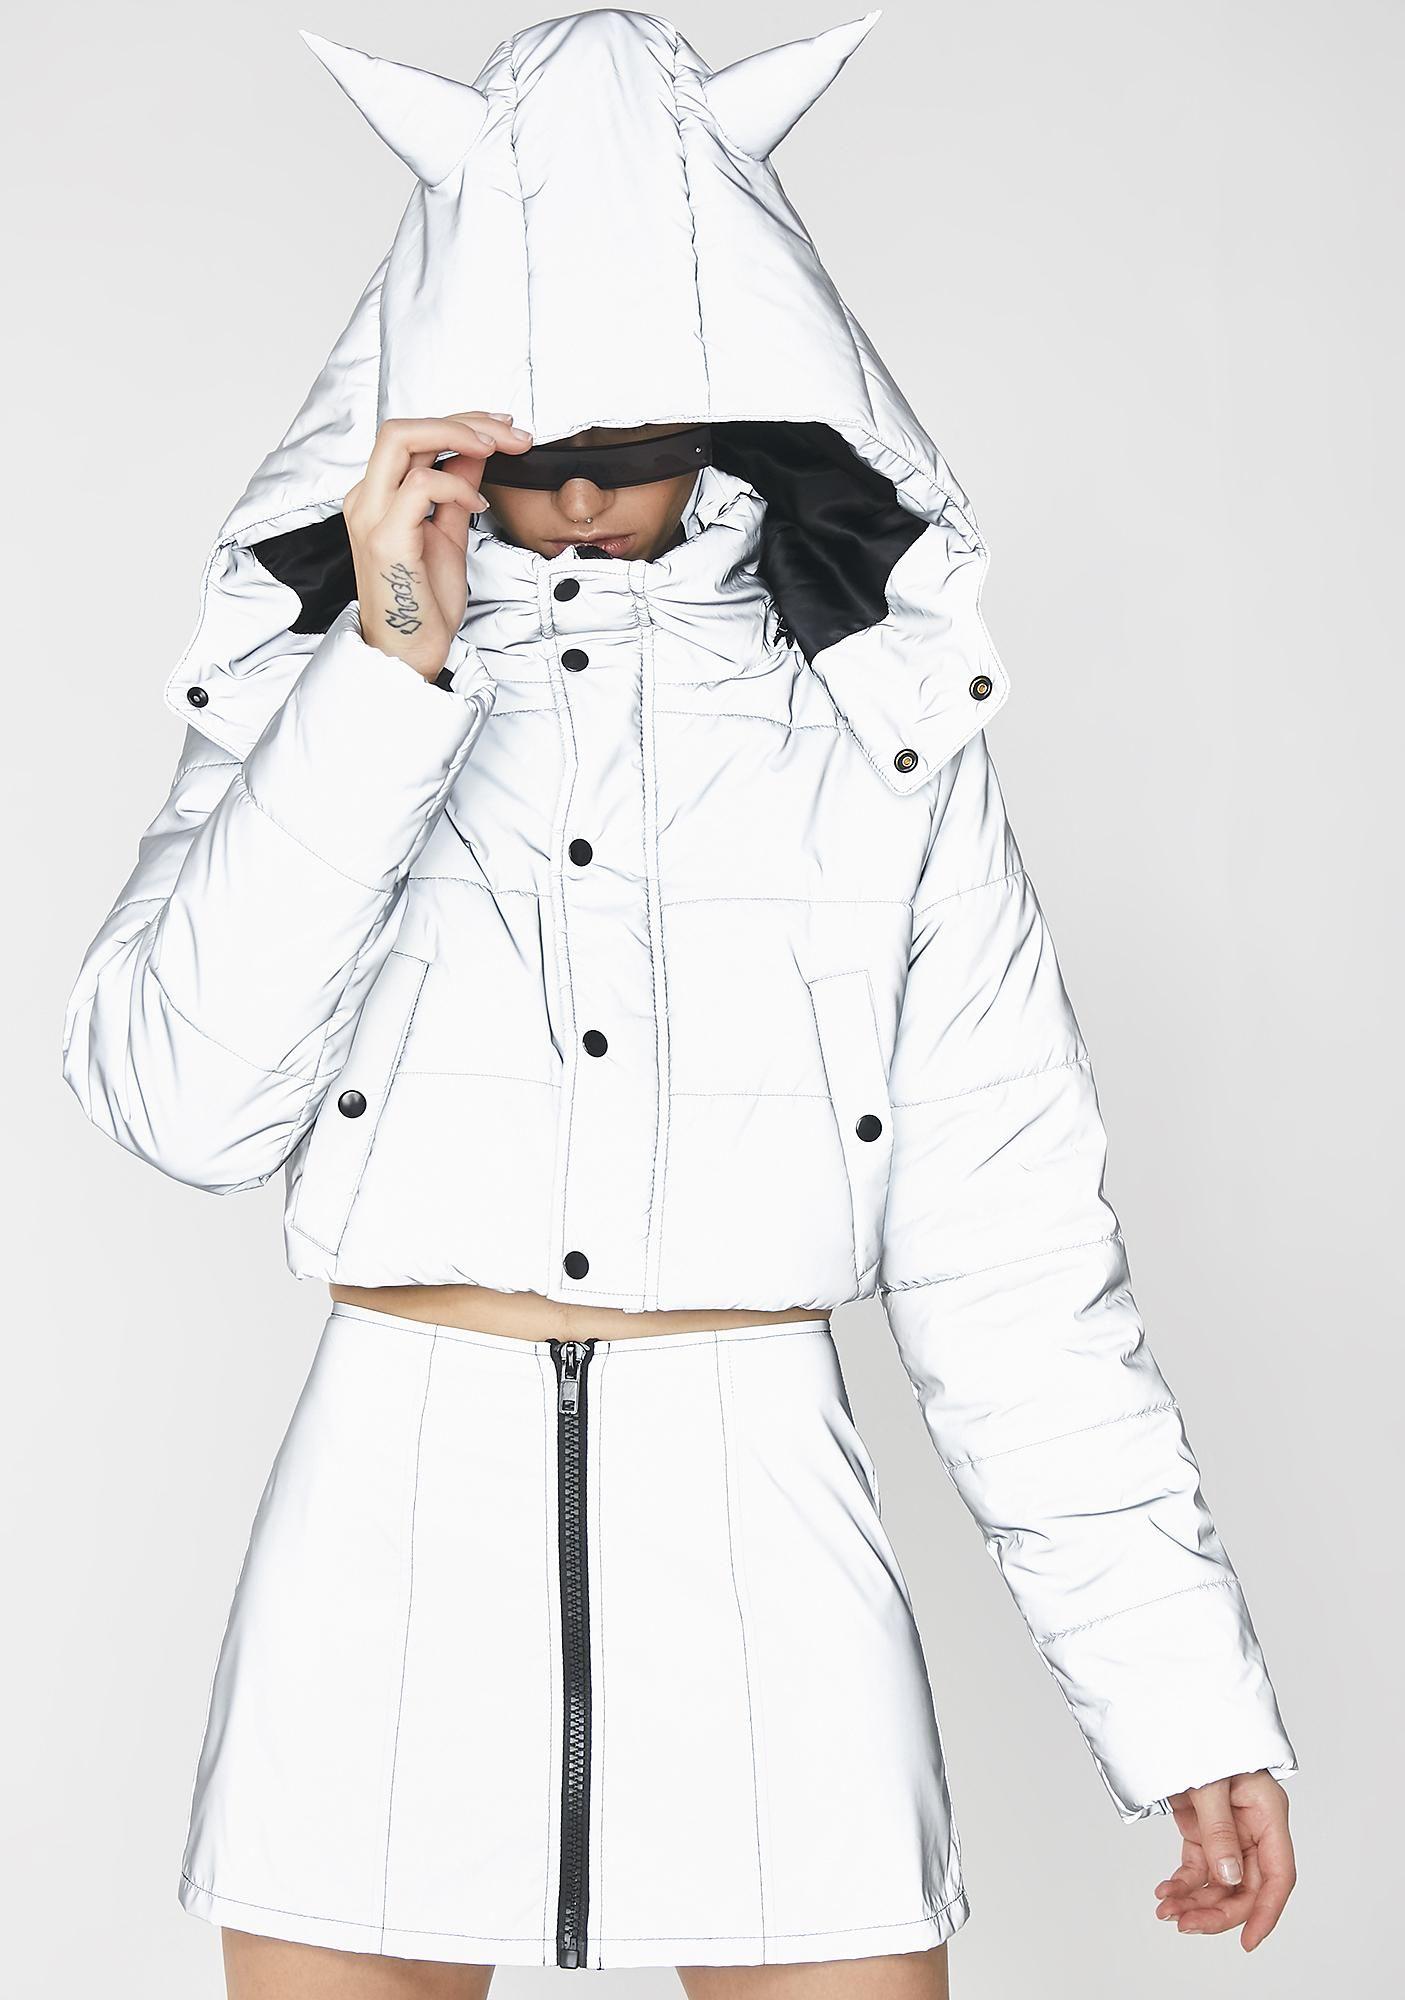 Savage Signalz Reflective Jacket   CLUB EXX in 2019